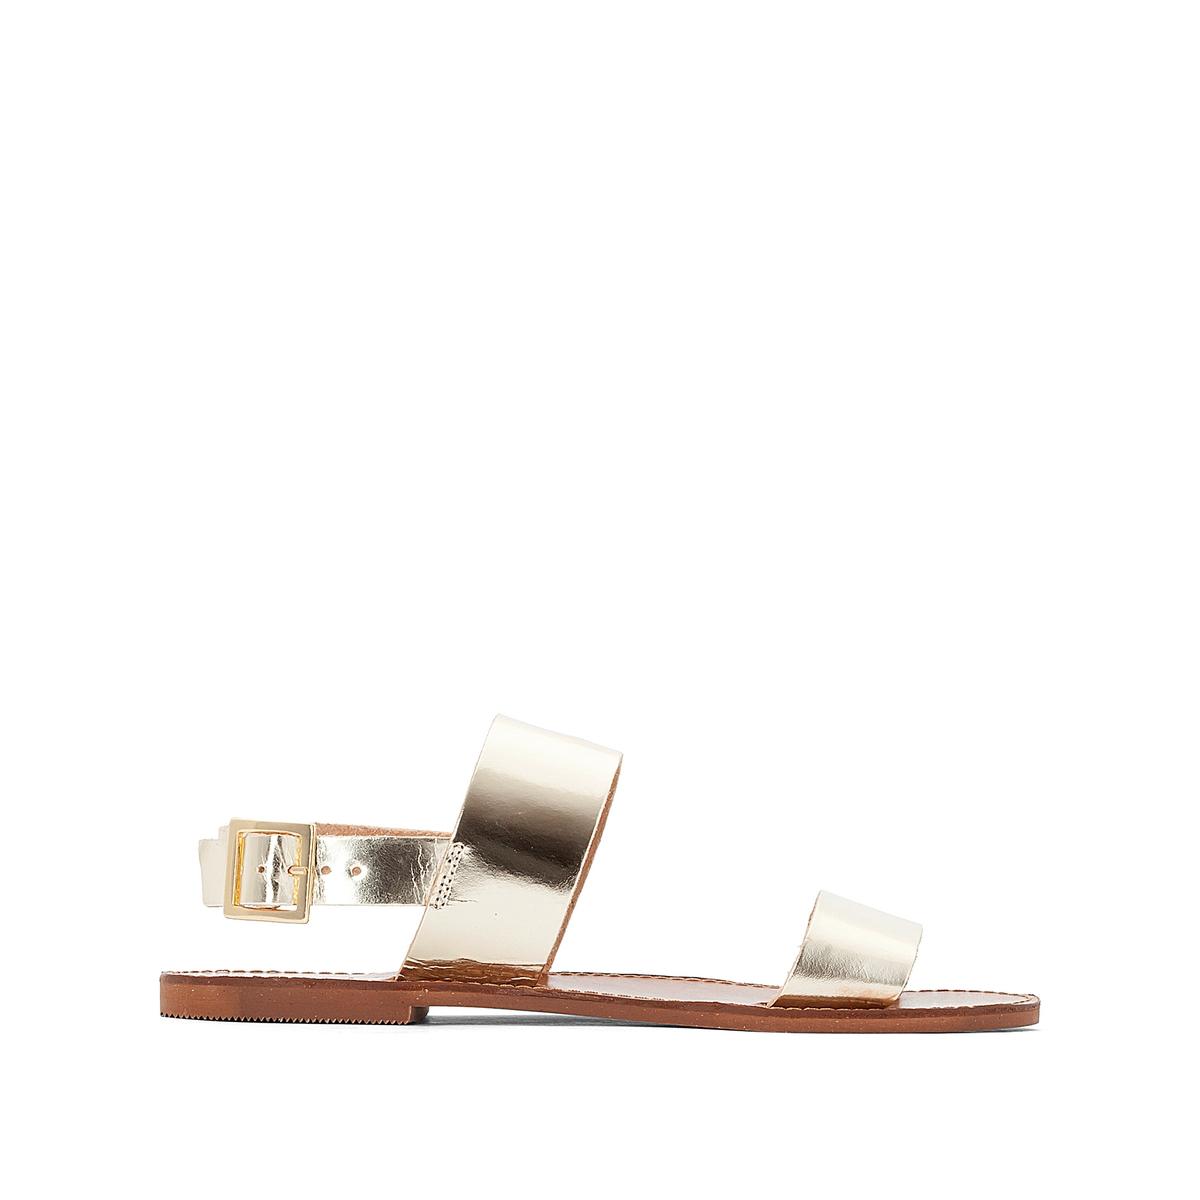 Босоножки кожаные AoudaВерх : кожа   Подкладка : кожа   Стелька : кожа   Подошва : эластомер   Форма каблука : плоский каблук   Мысок : закругленный мысок   Застежка : пряжка<br><br>Цвет: золотистый<br>Размер: 39